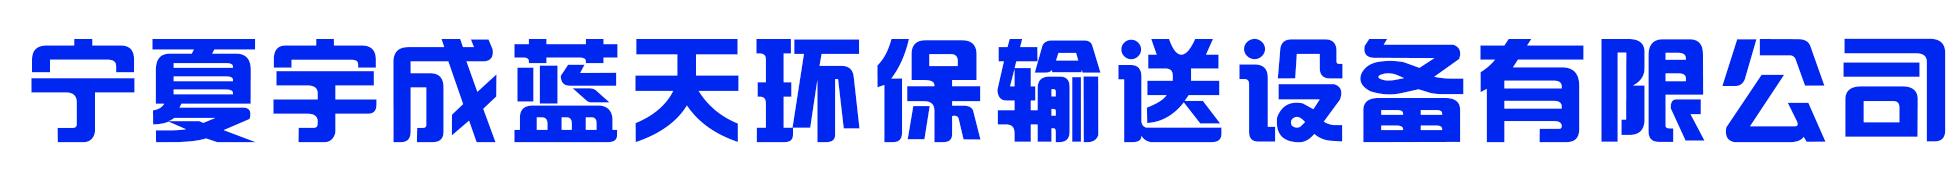 宁夏宇成蓝天环保输送设备有限公司